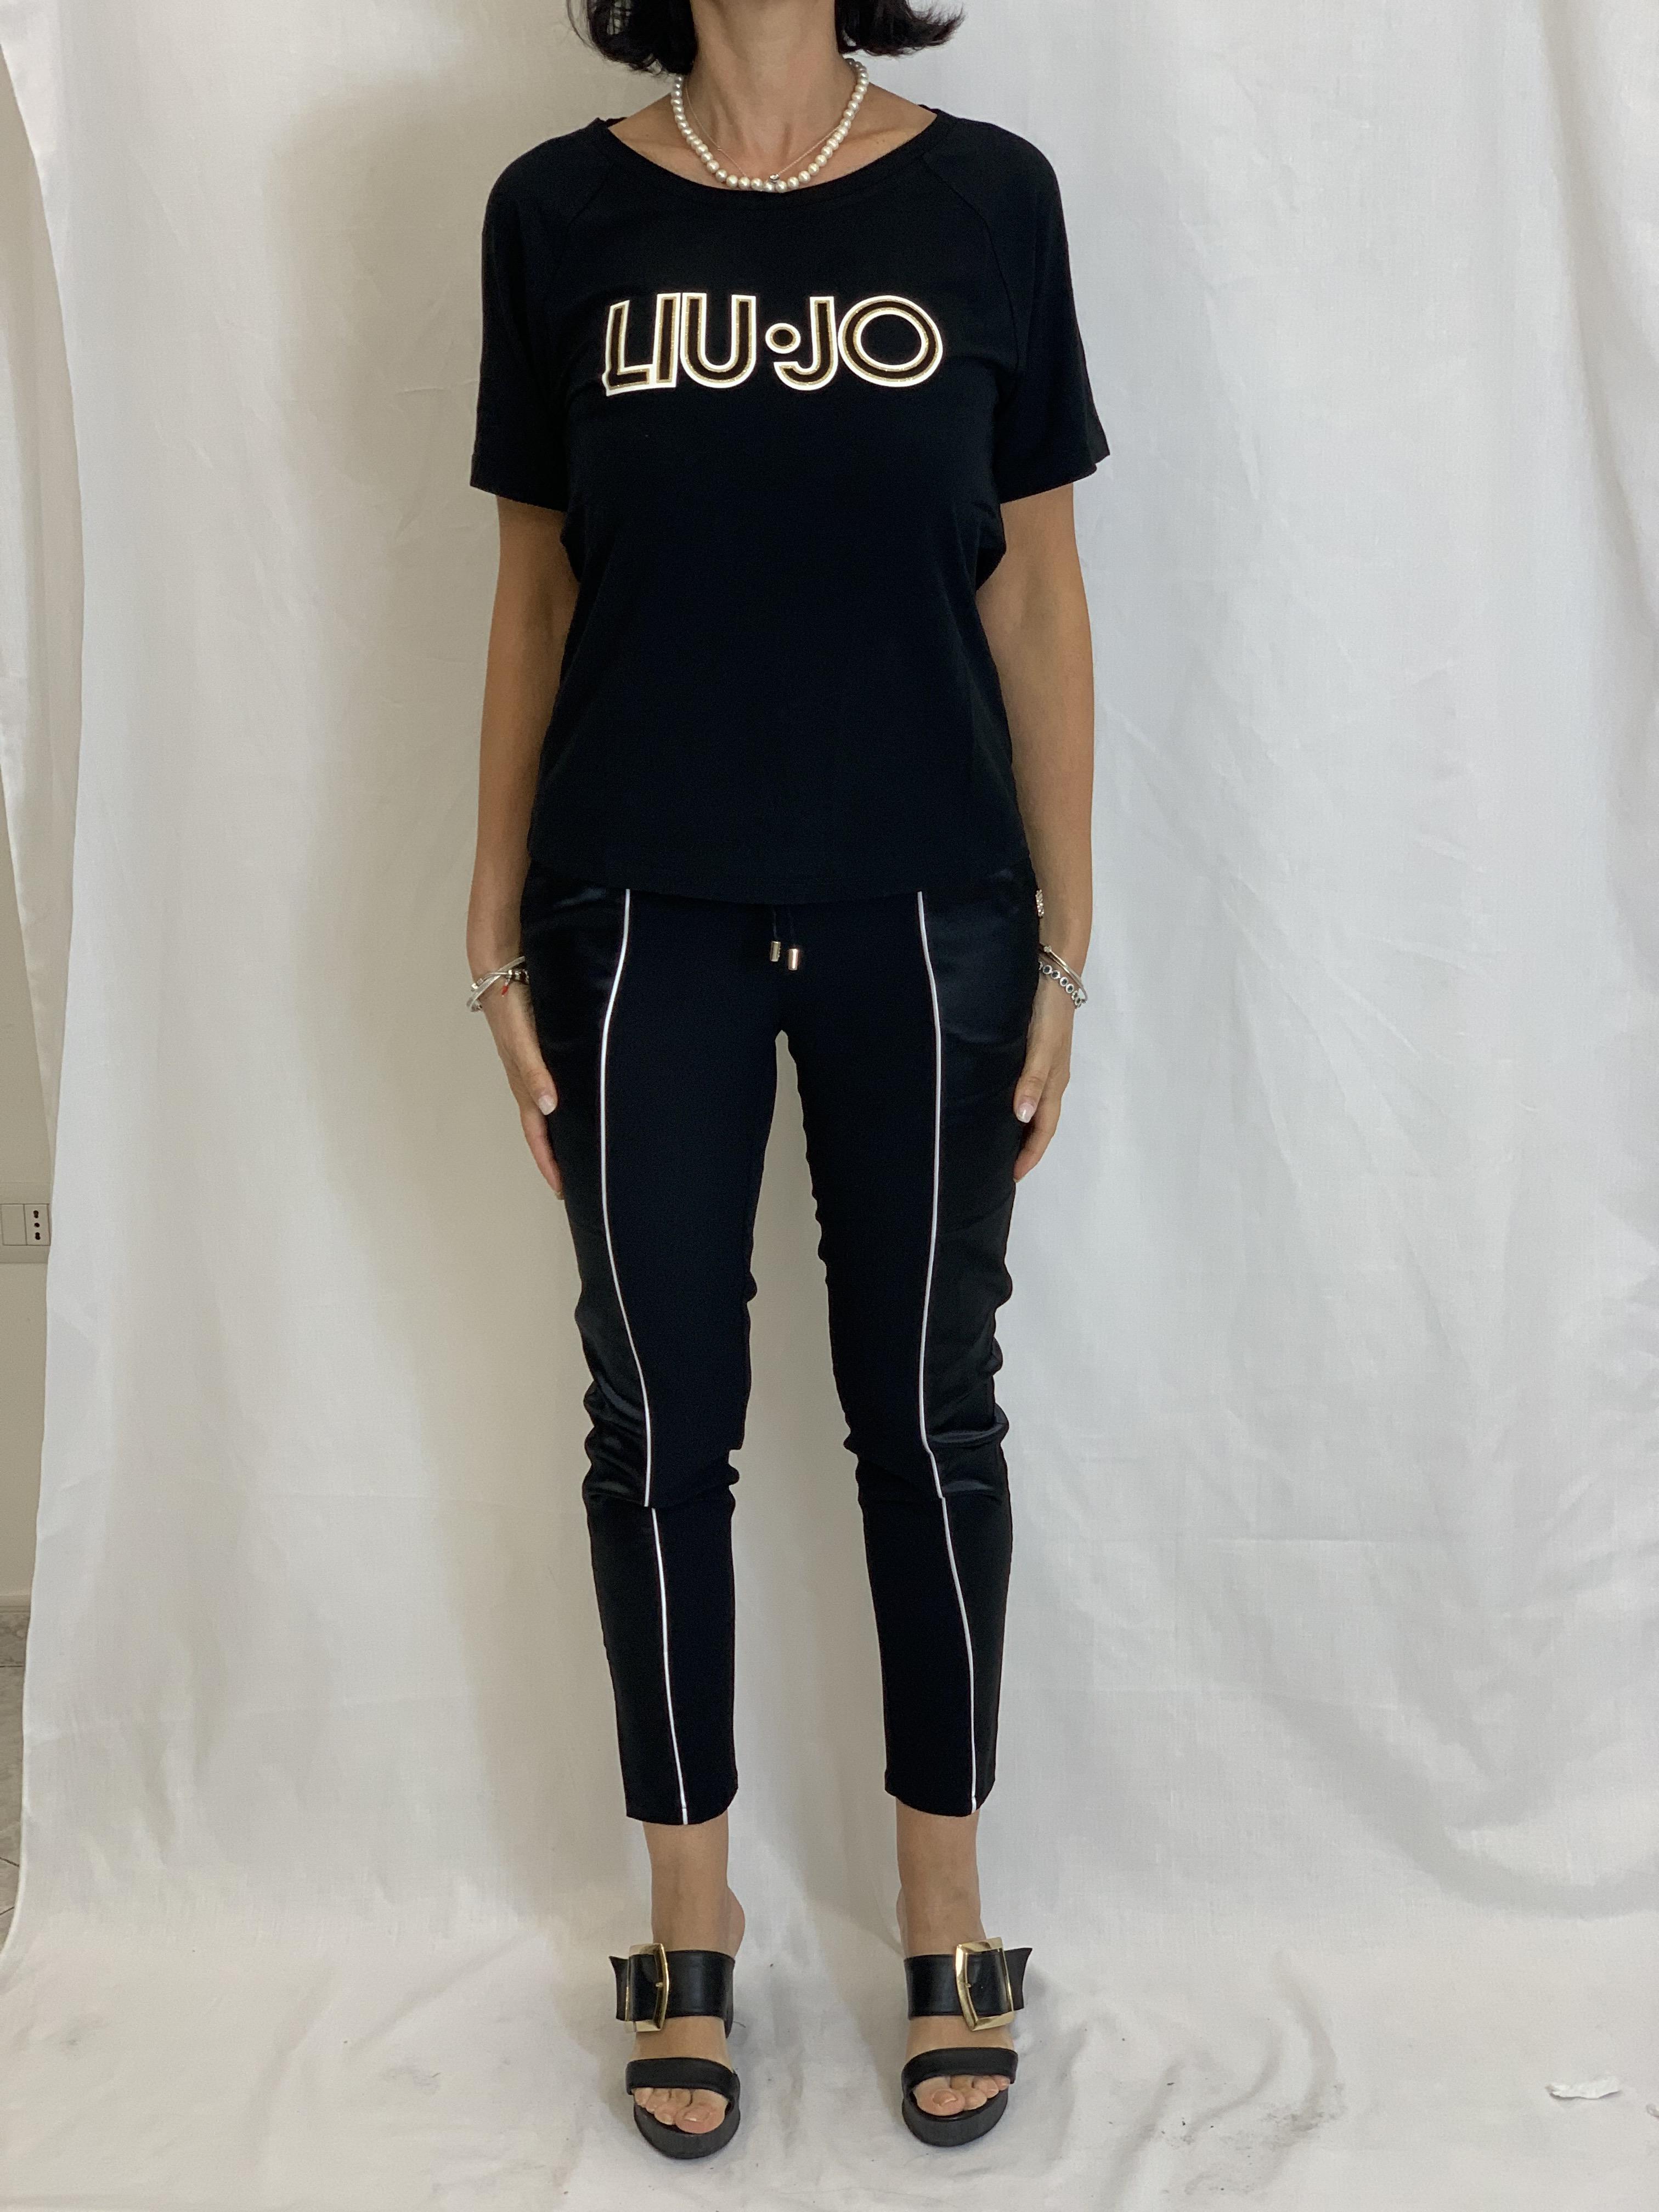 Tshirt with logo LIUJO      TA1012J790522222